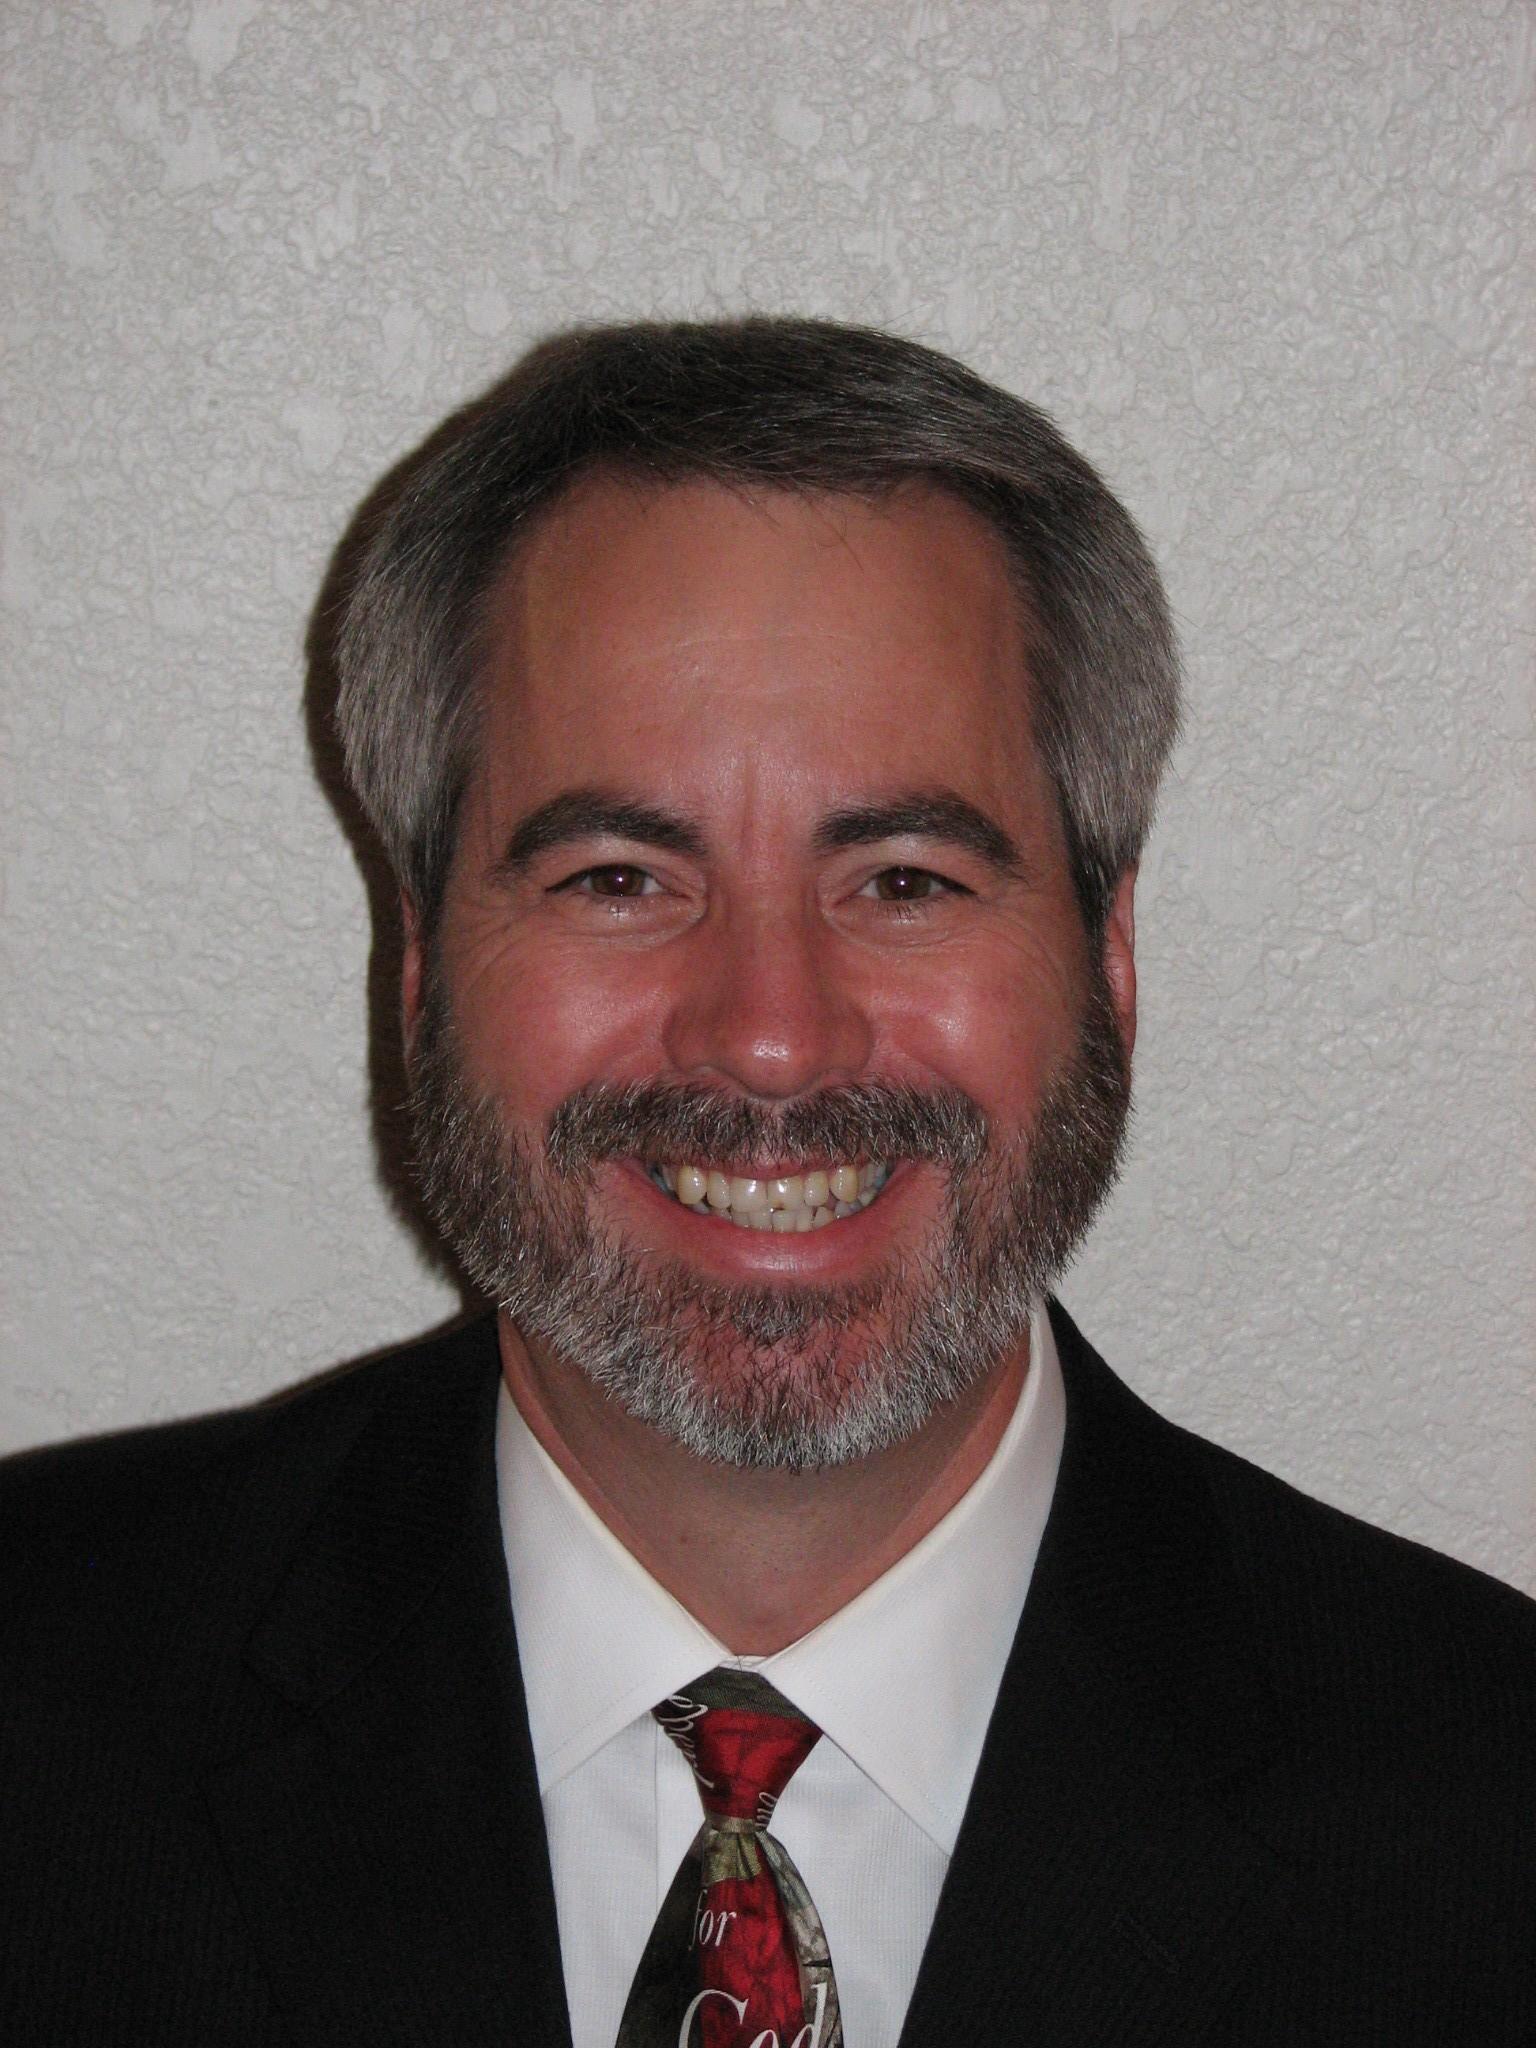 Picture of Joseph Pote